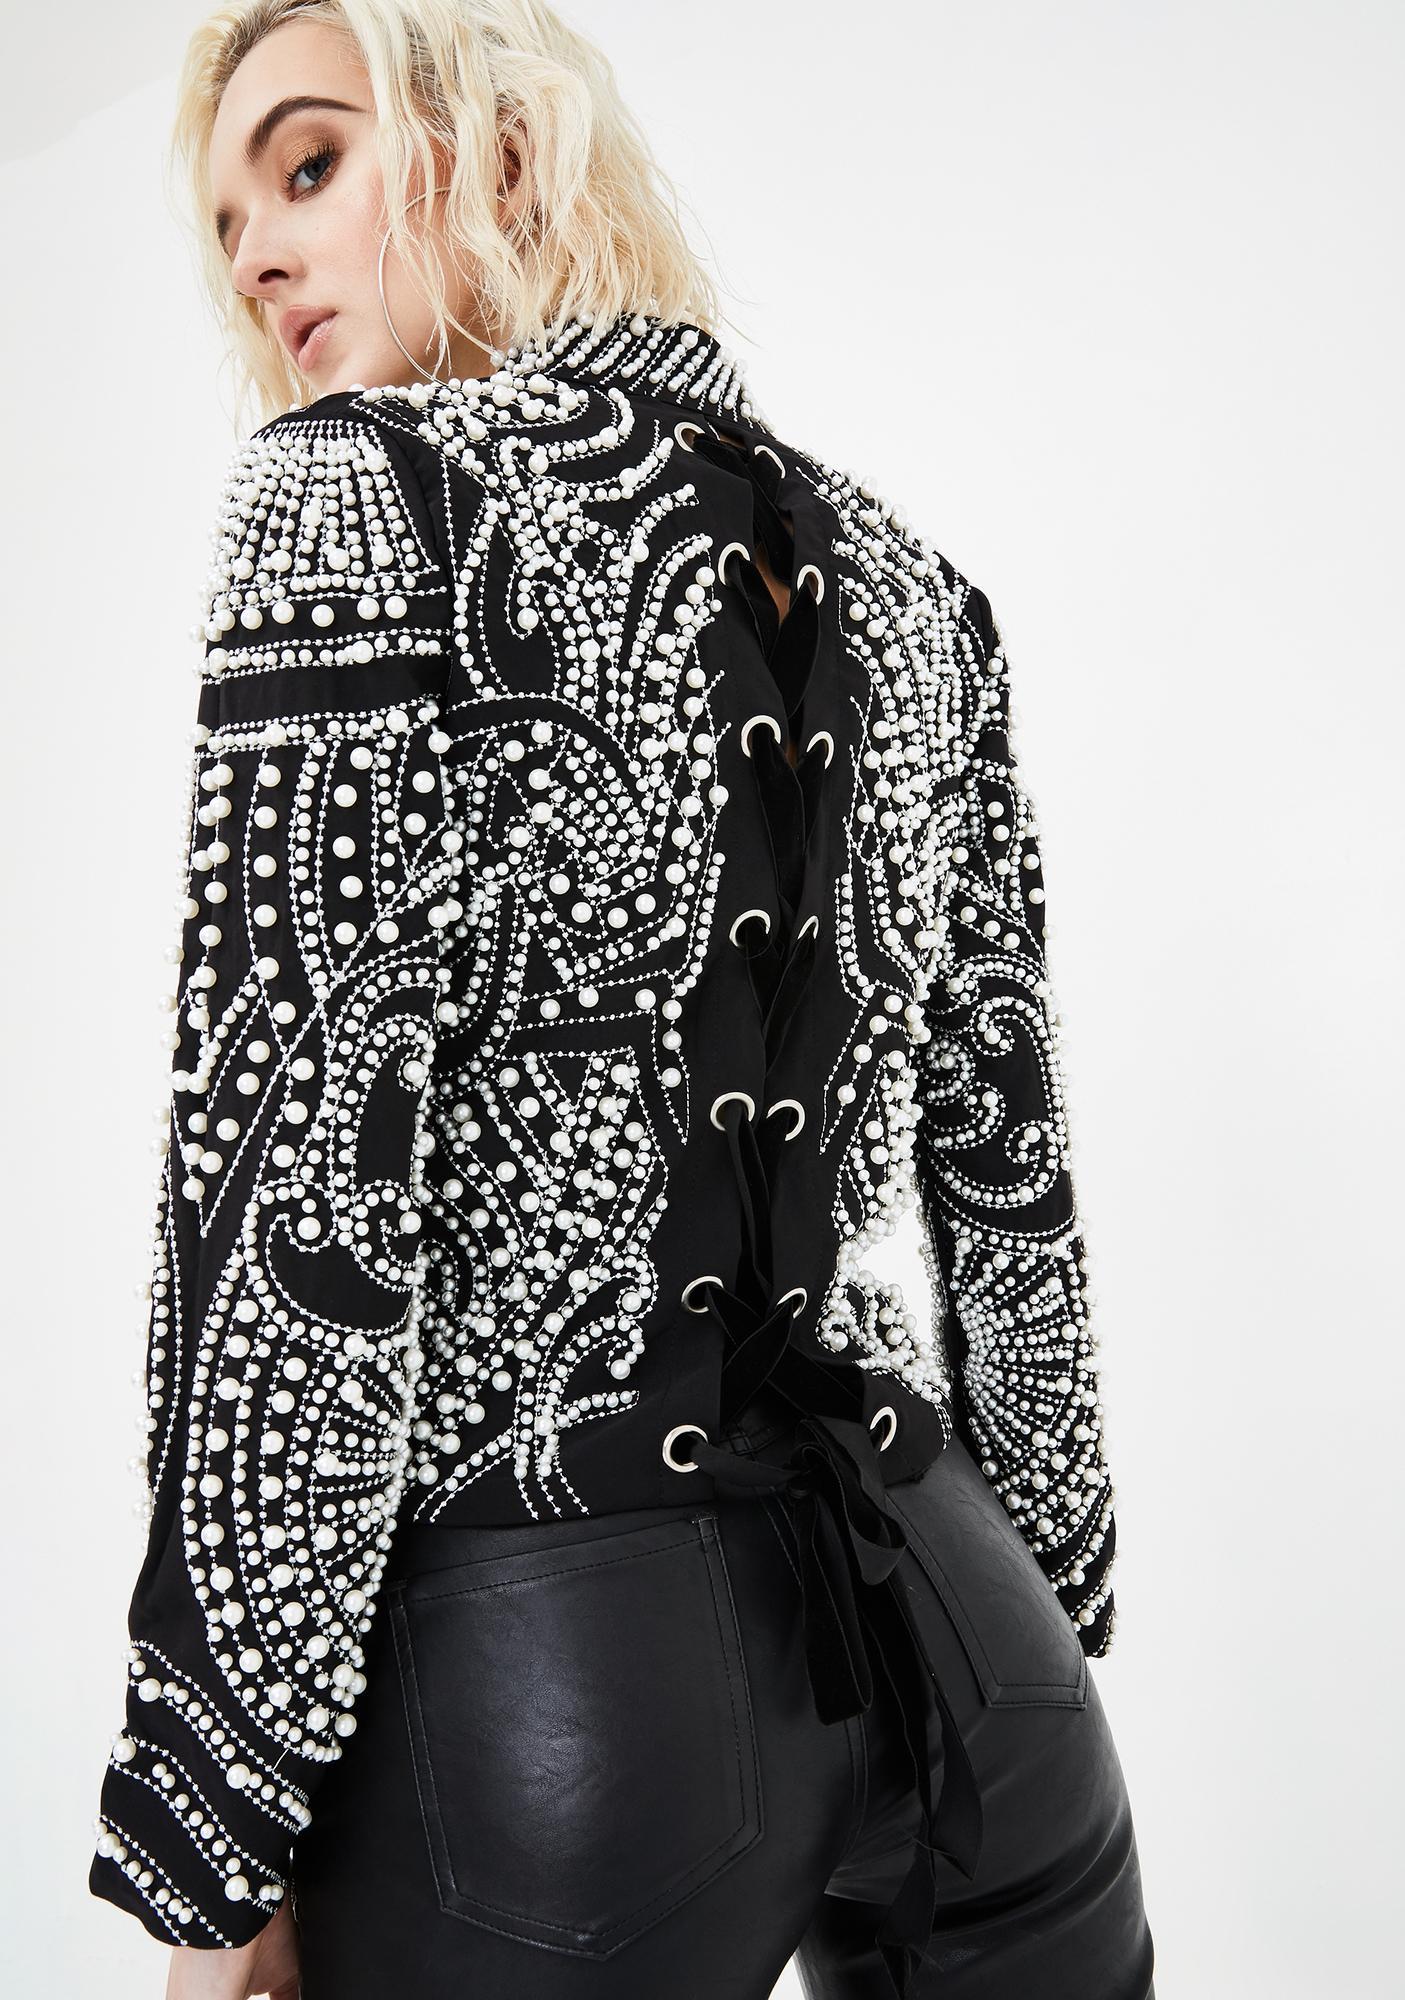 AZALEA WANG Love To Love U Pearl Embellished Lace Up Jacket